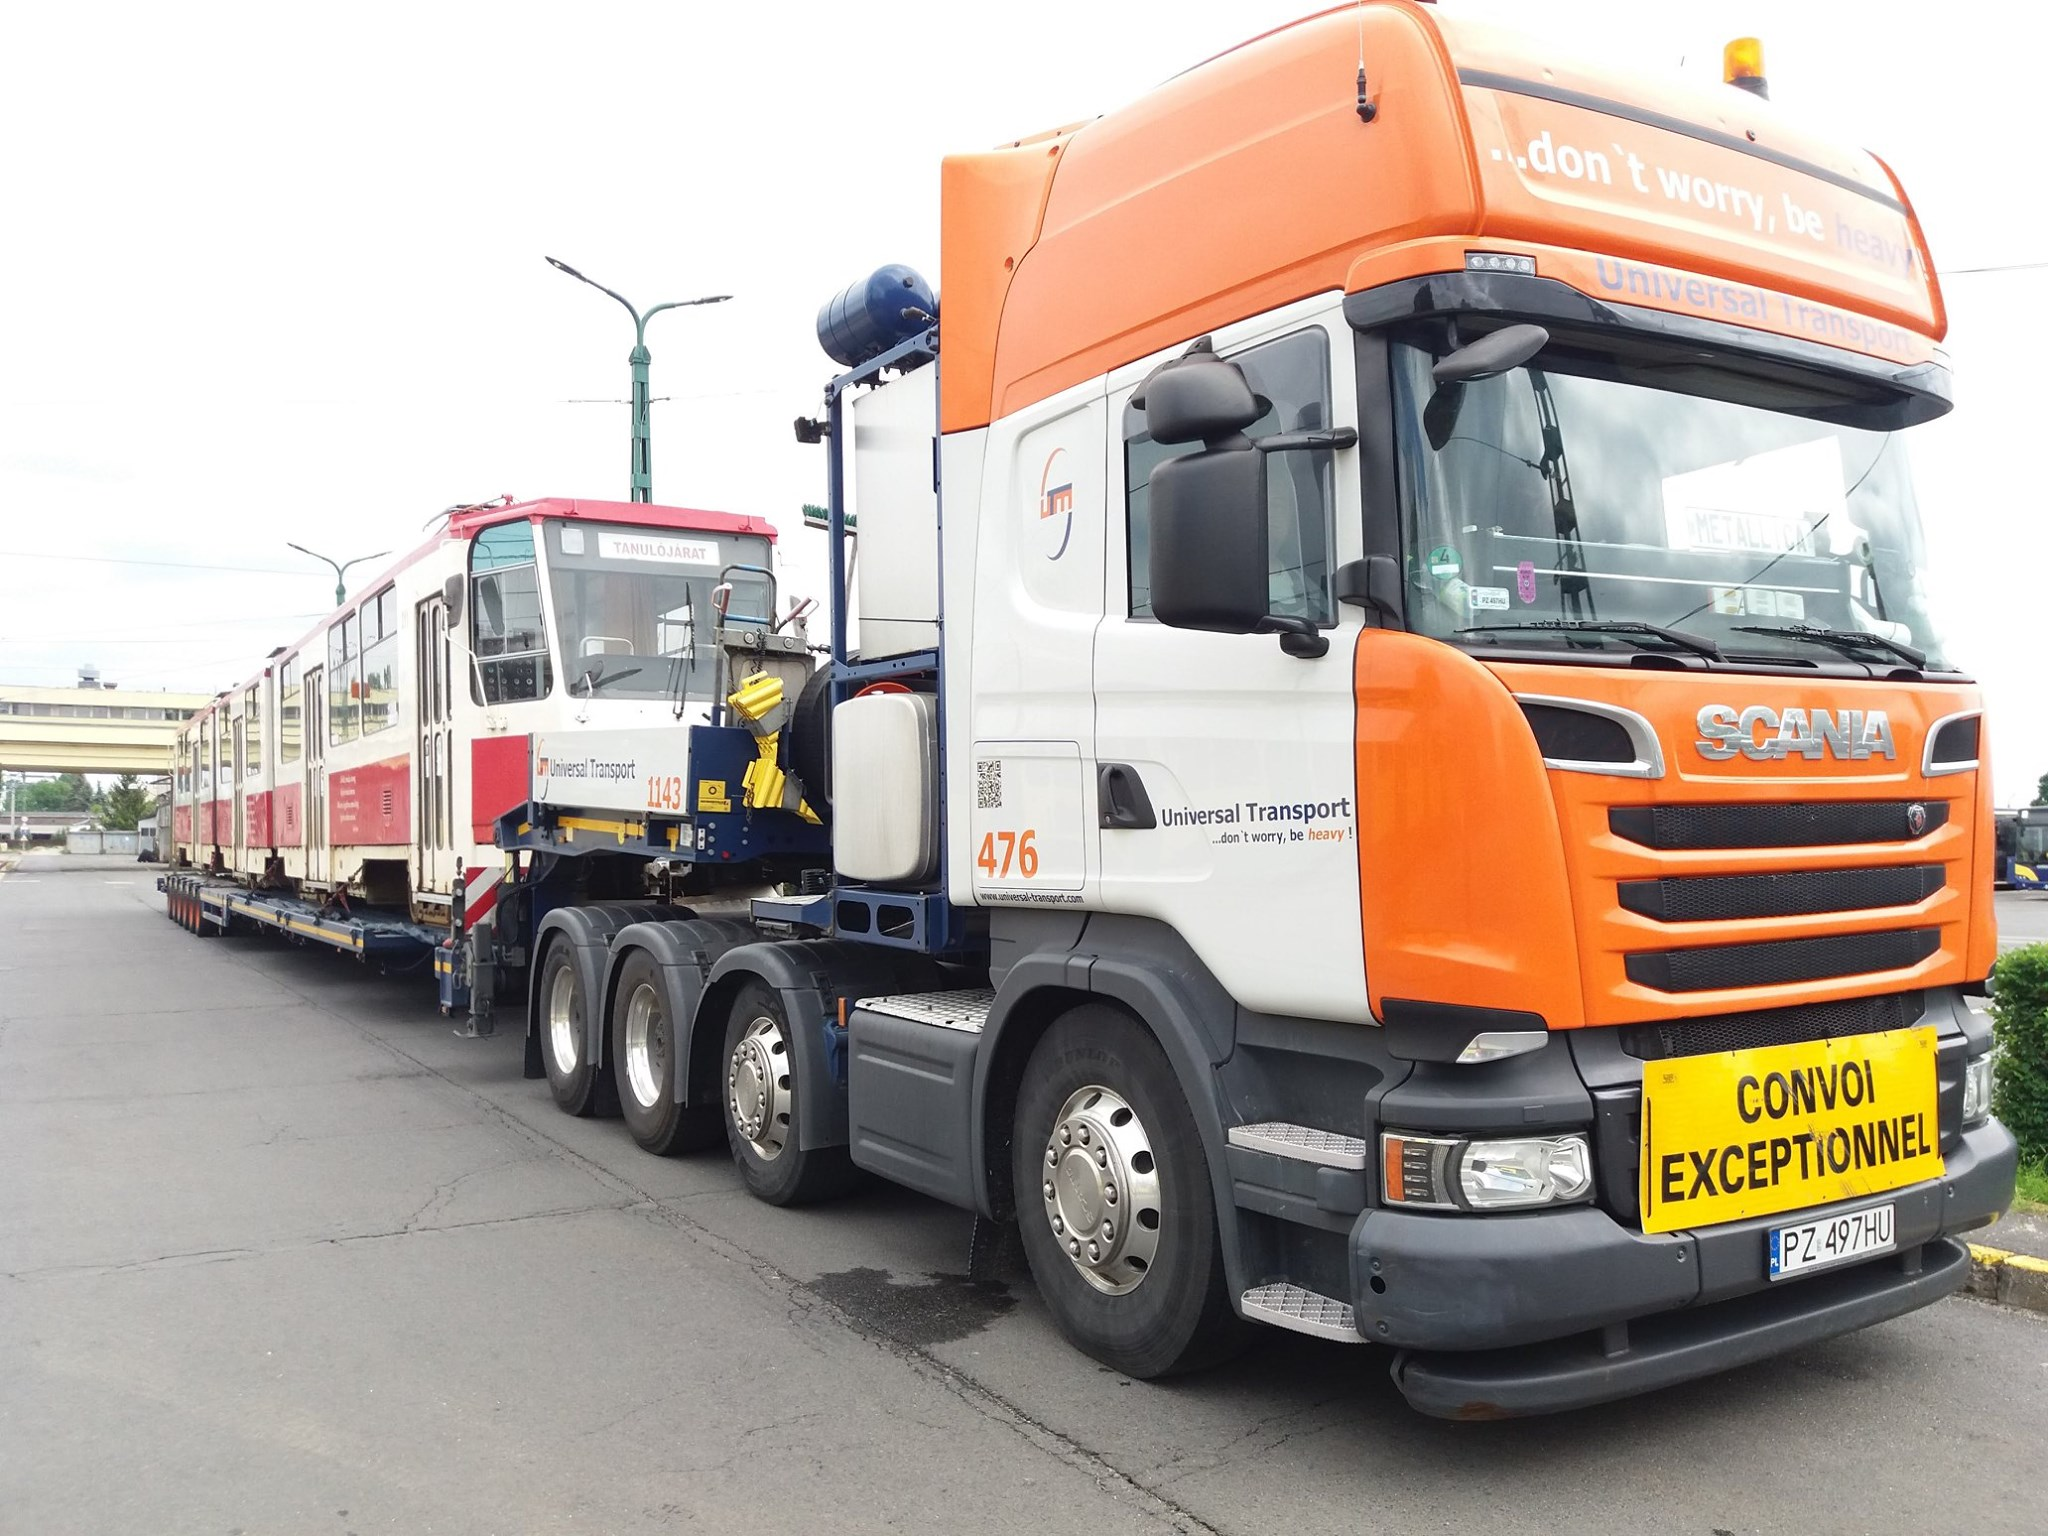 Transport vozidla zajišťuje společnost Universal Transport. (foto: MVK Zrt.)